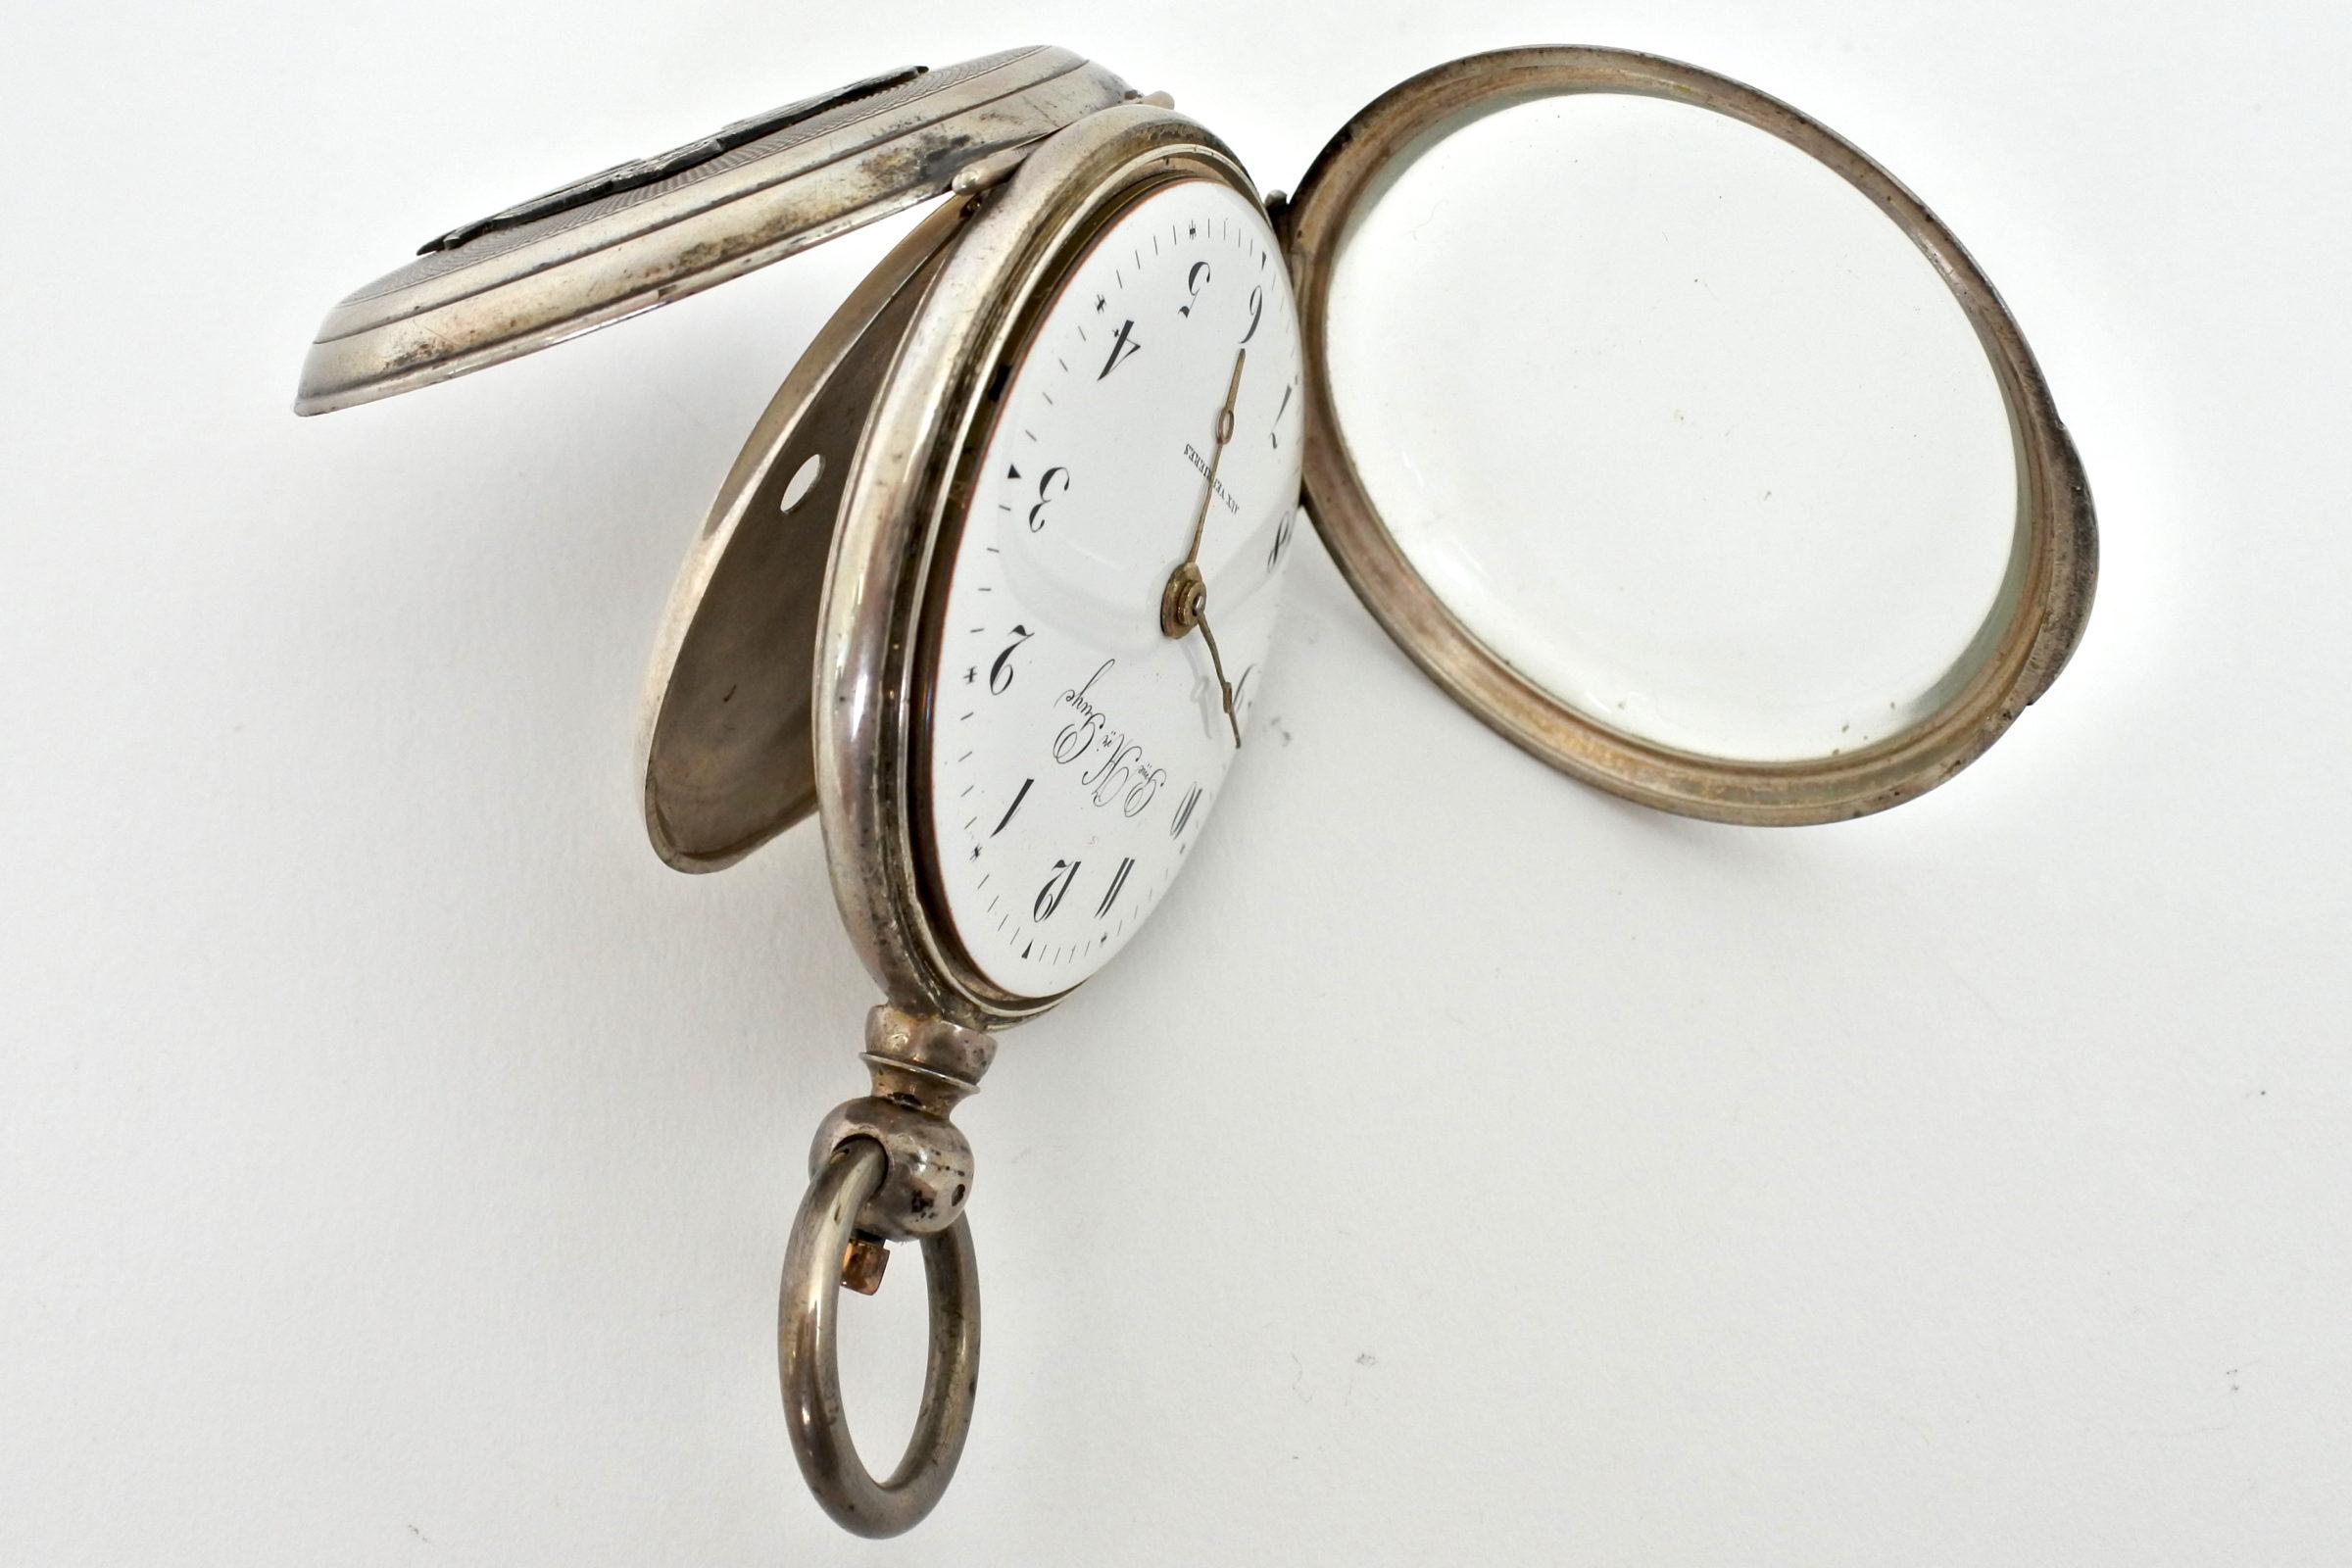 Orologio da tasca in argento con carica a chiavetta. Diametro cassa 55 mm - 4